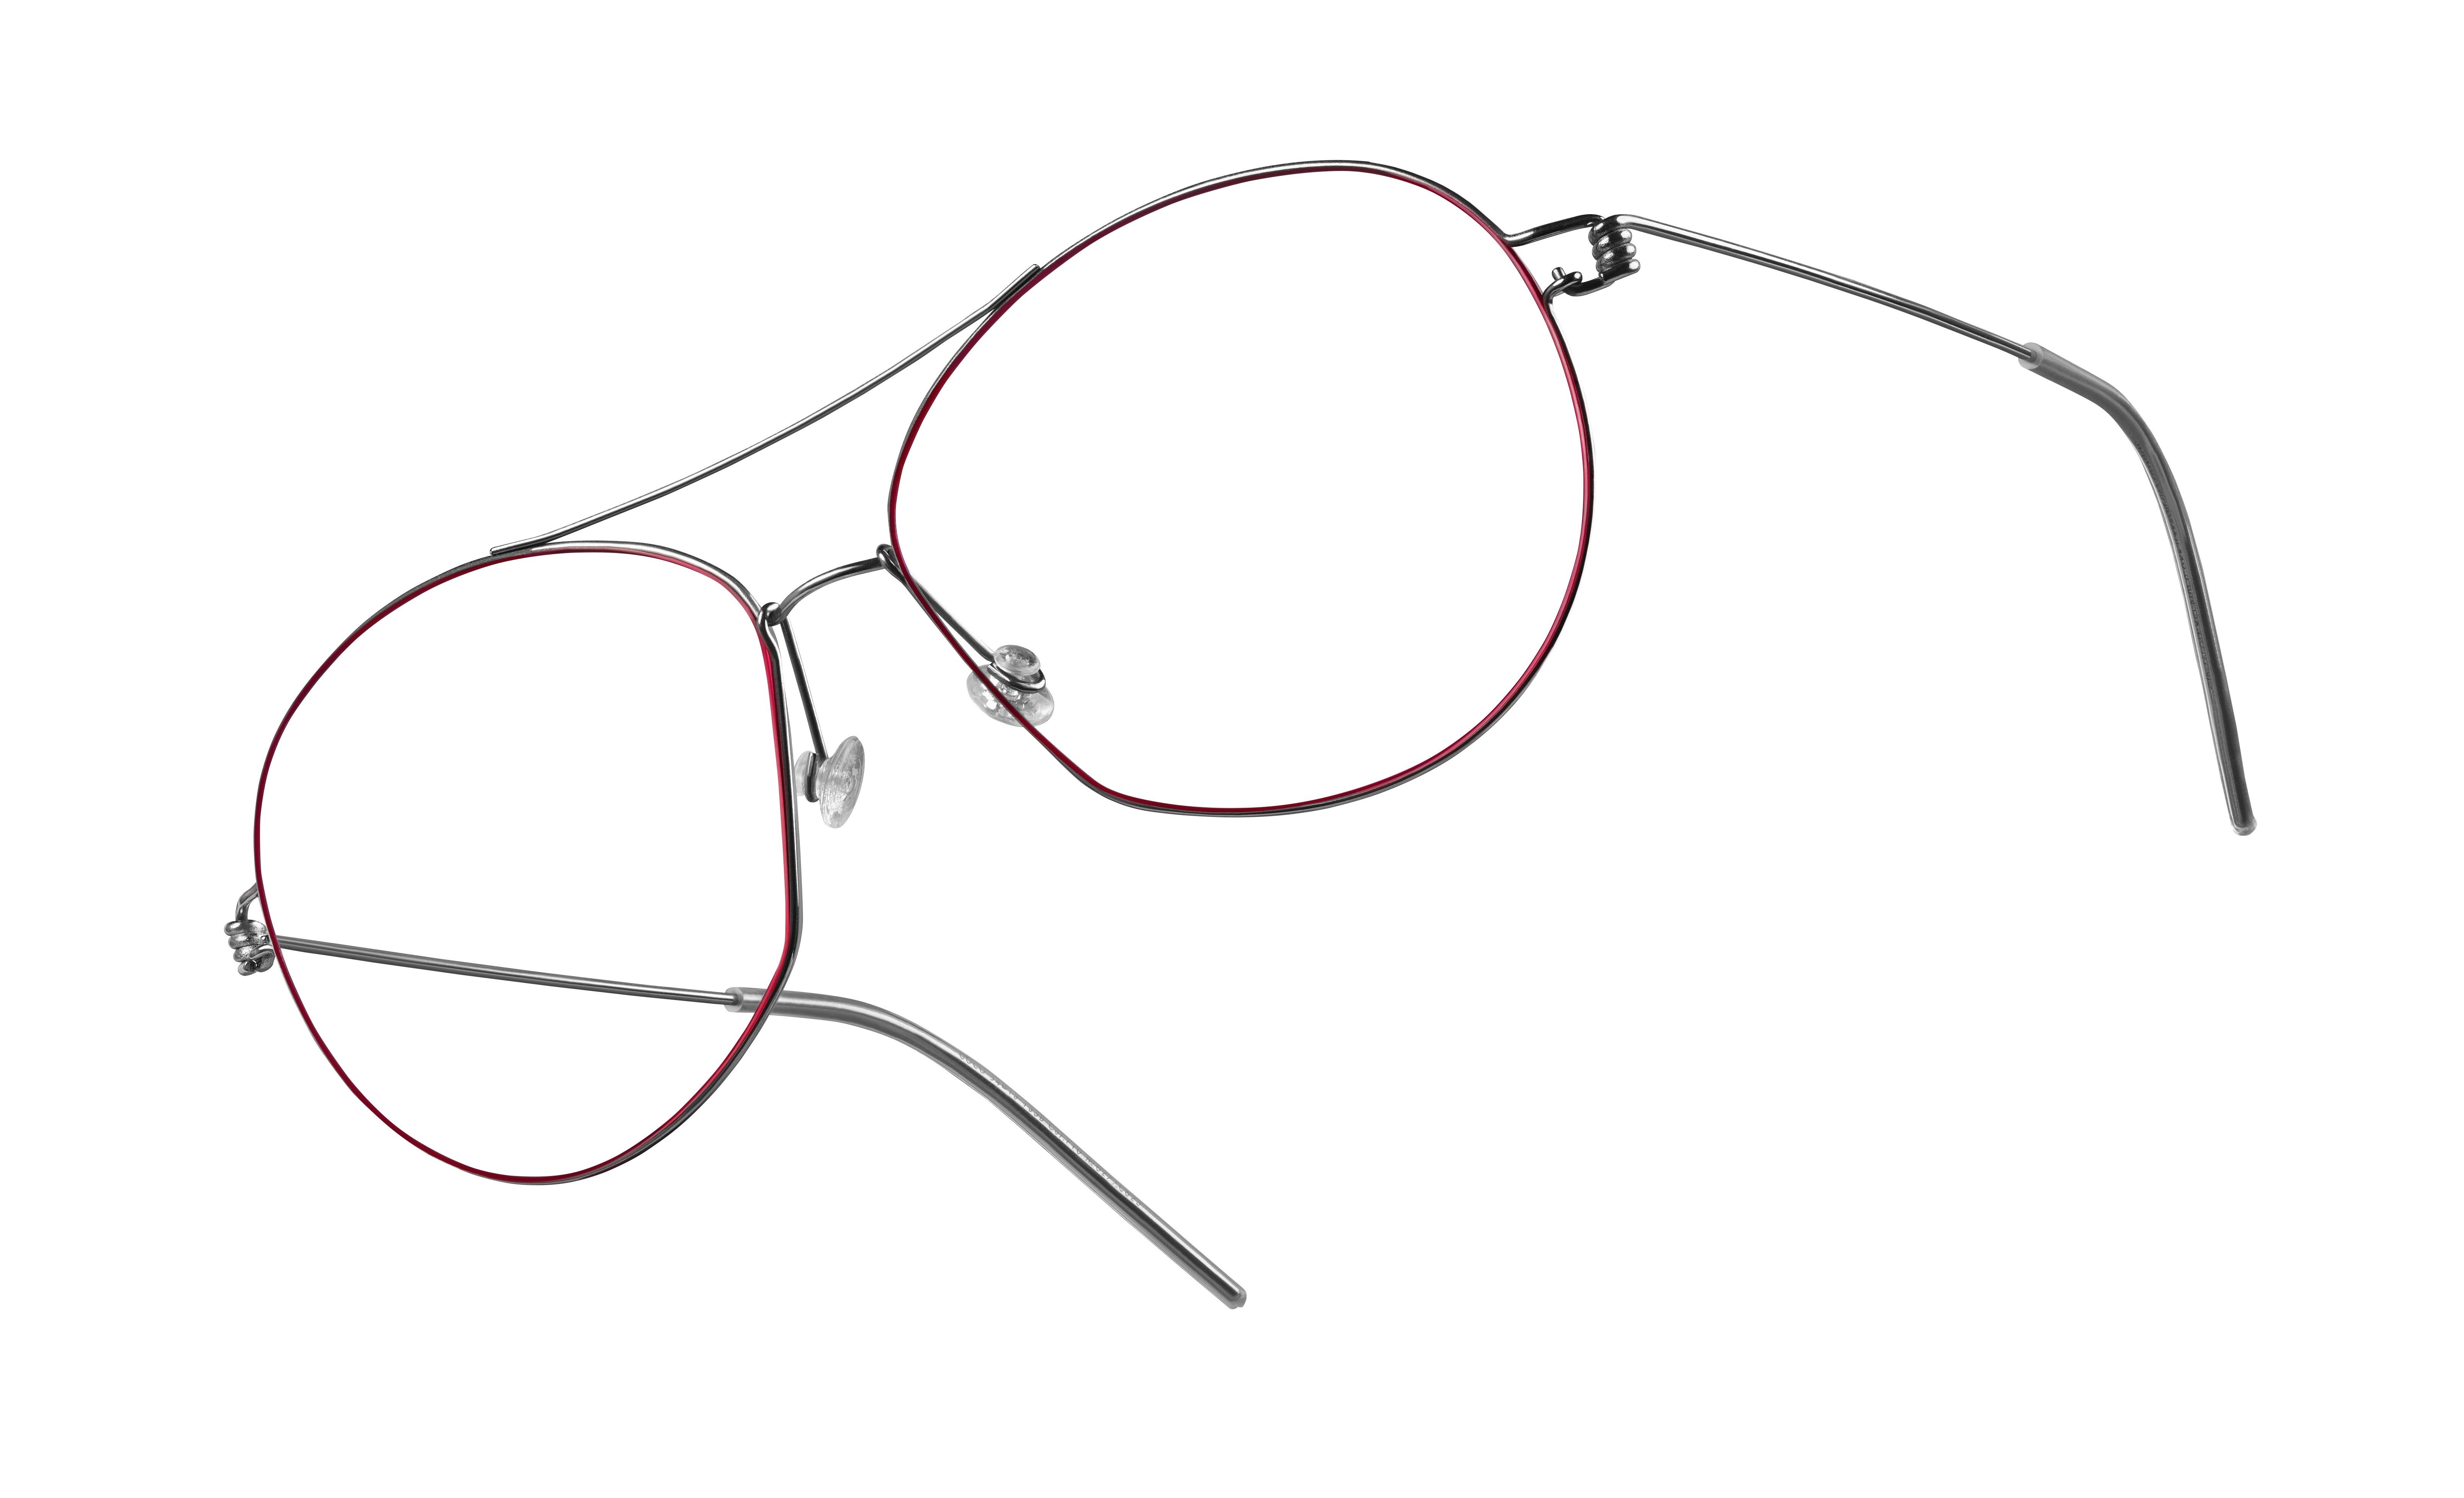 Korrekturbrille mit dünnem, schwarzen Gestell von Lindberg.